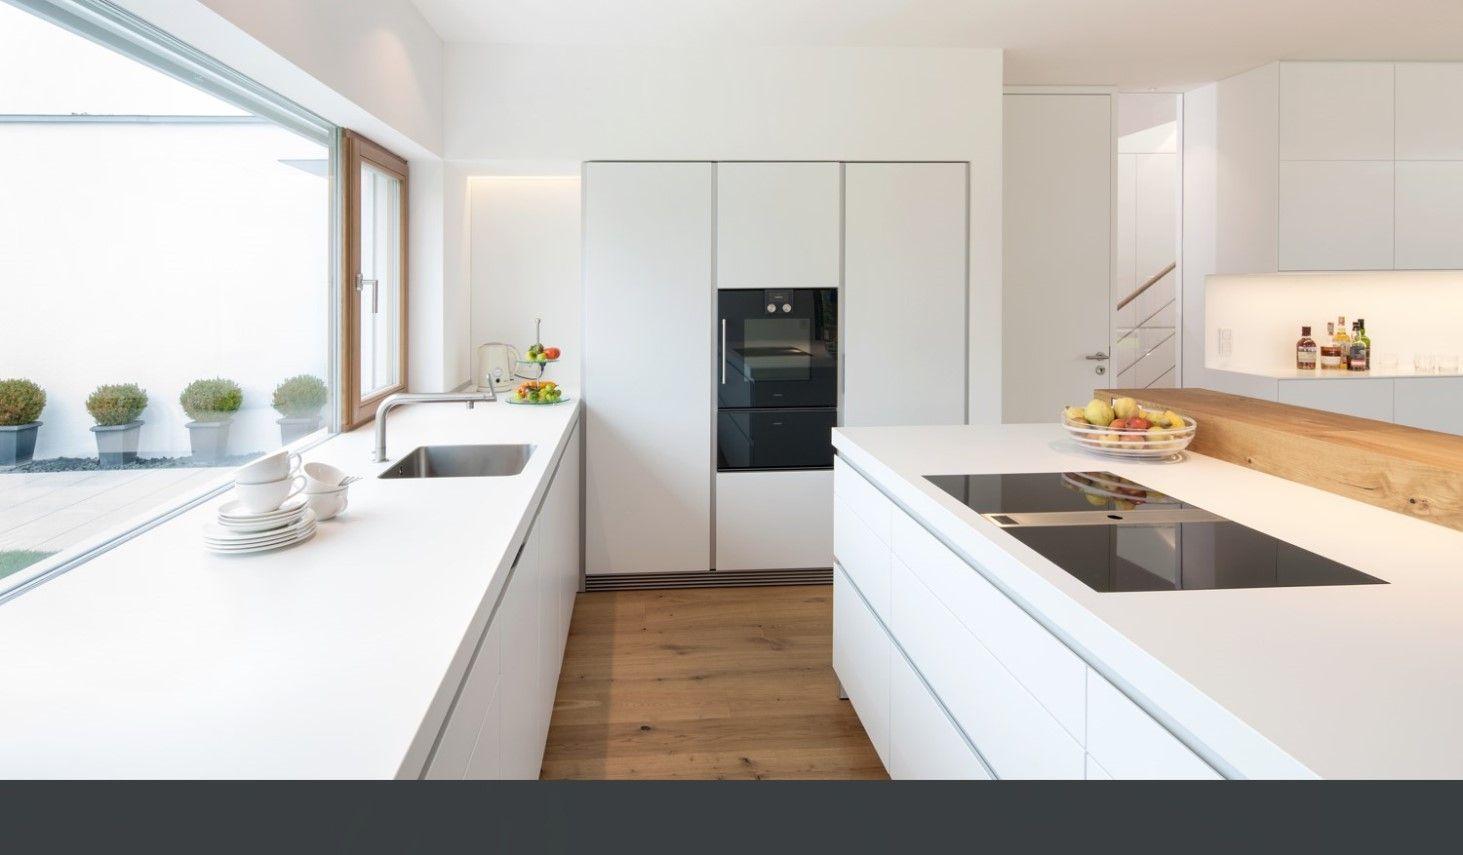 Gemütlich Design Ideen Für Eine Neue Küche Fotos - Ideen Für Die ...